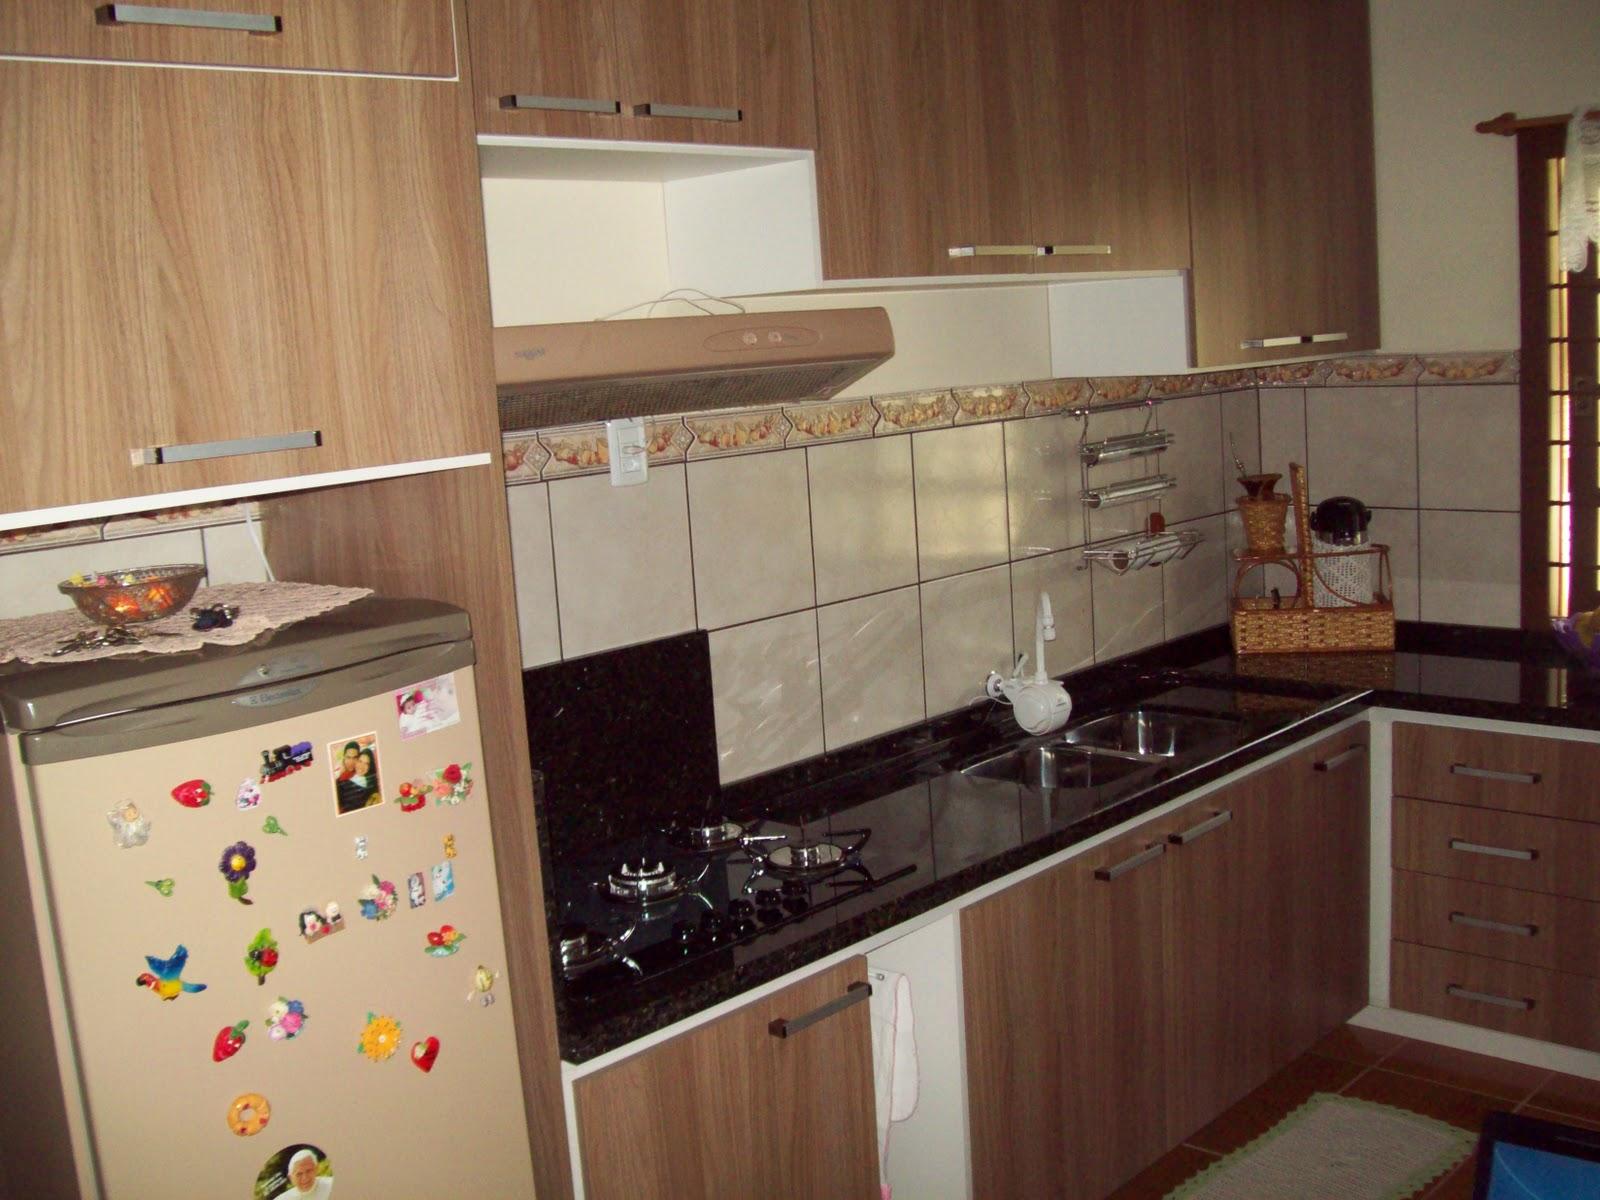 #A7242A MG Móveis Sob Medida: COZINHA SOB MEDIDA 1916 Janela De Aluminio Sob Medida Rio De Janeiro